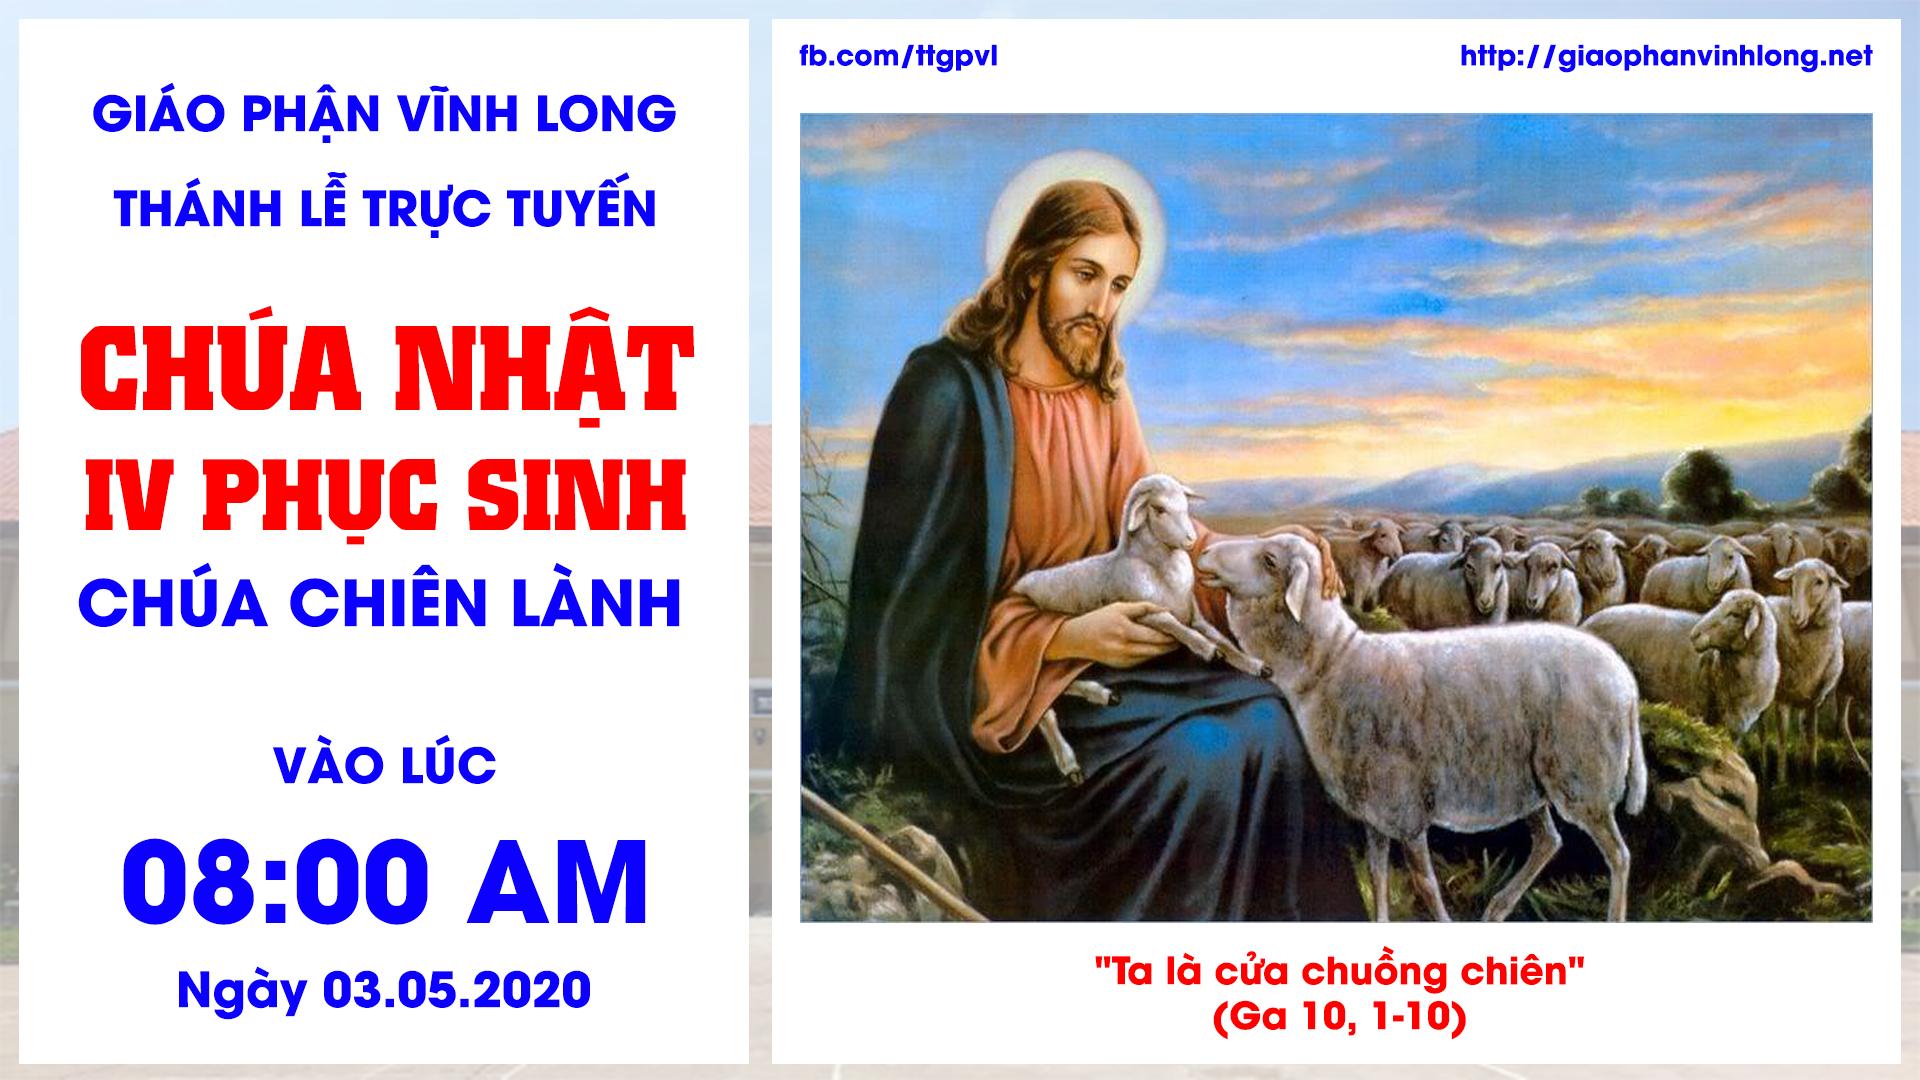 Thánh lễ trực tuyến: Thánh lễ Chúa Nhật IV Phục Sinh - Chúa Nhật Chúa Chiên Lành - 03.05.2020